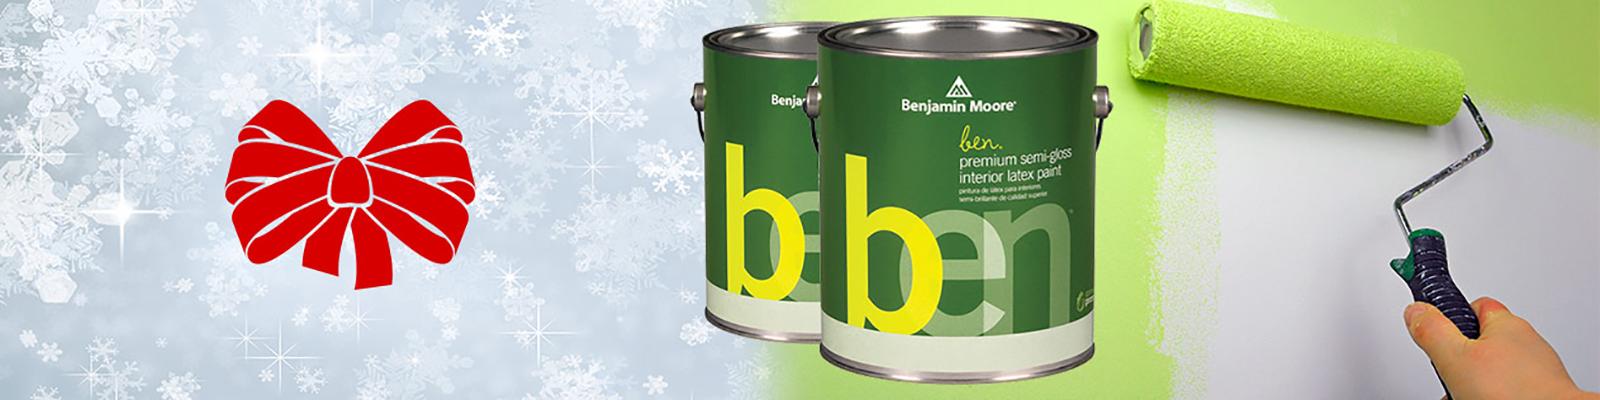 ben-moore-benline-homepage-banner-notext-002